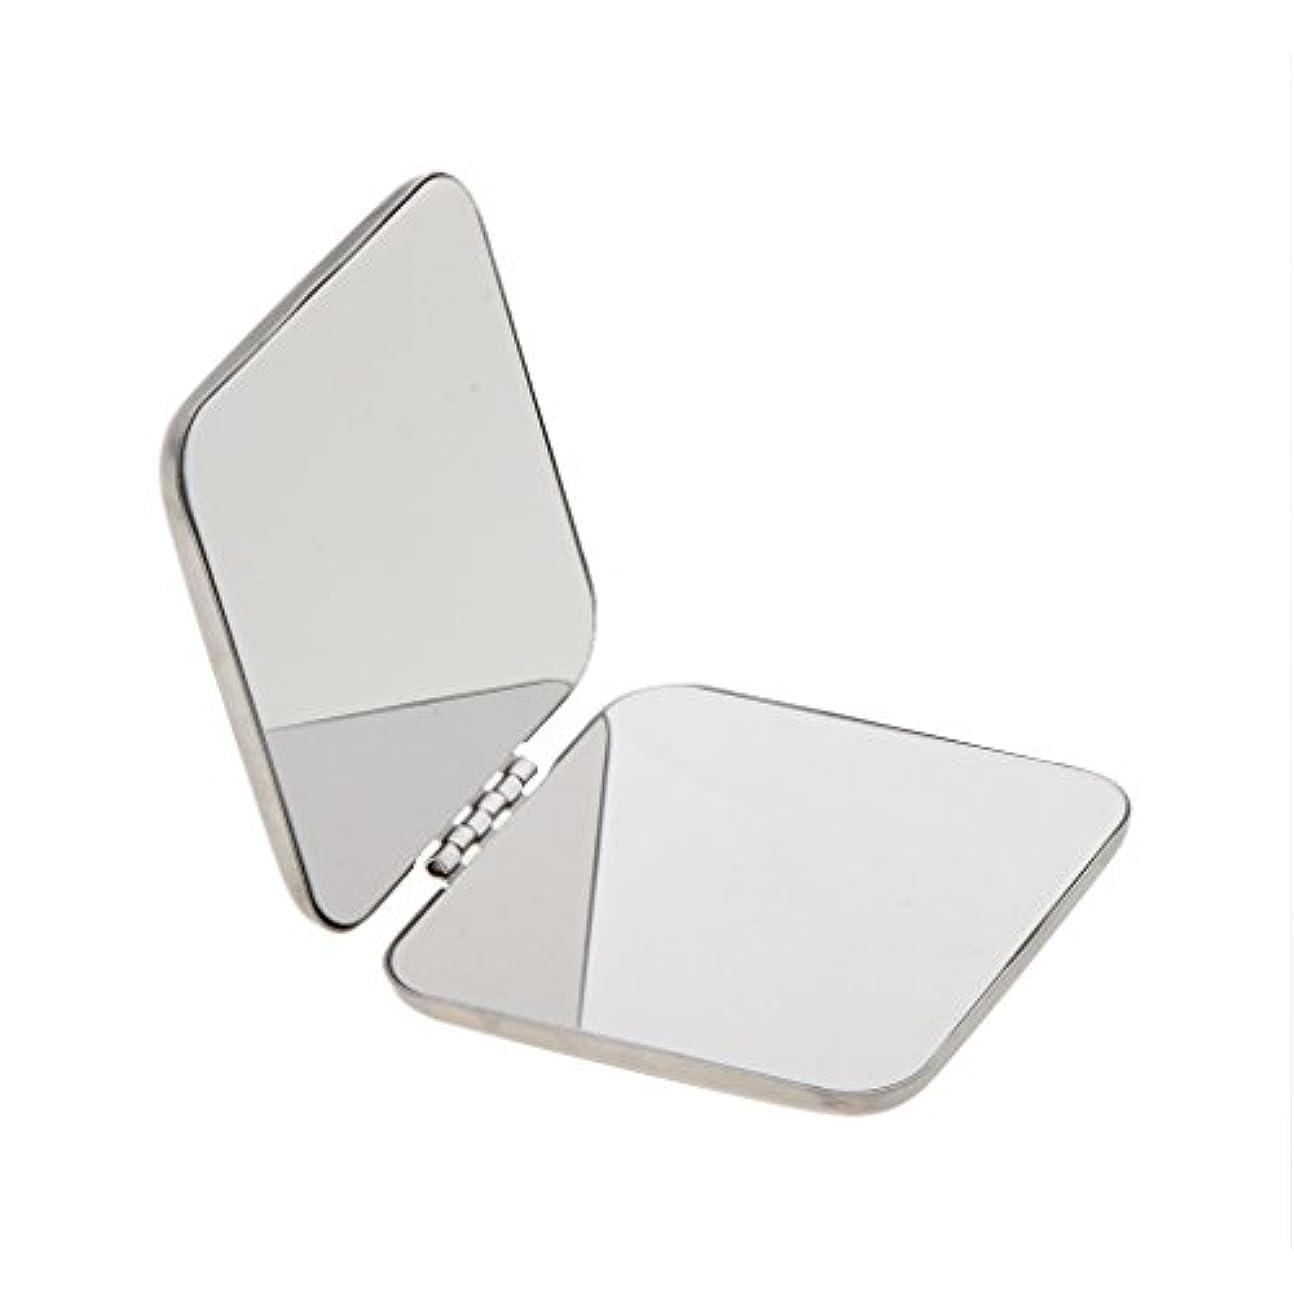 取り替える簡単に啓発するDYNWAVE コンパクトフルステンレススチールコスメティックハンドバッグメイクミラー拡大鏡